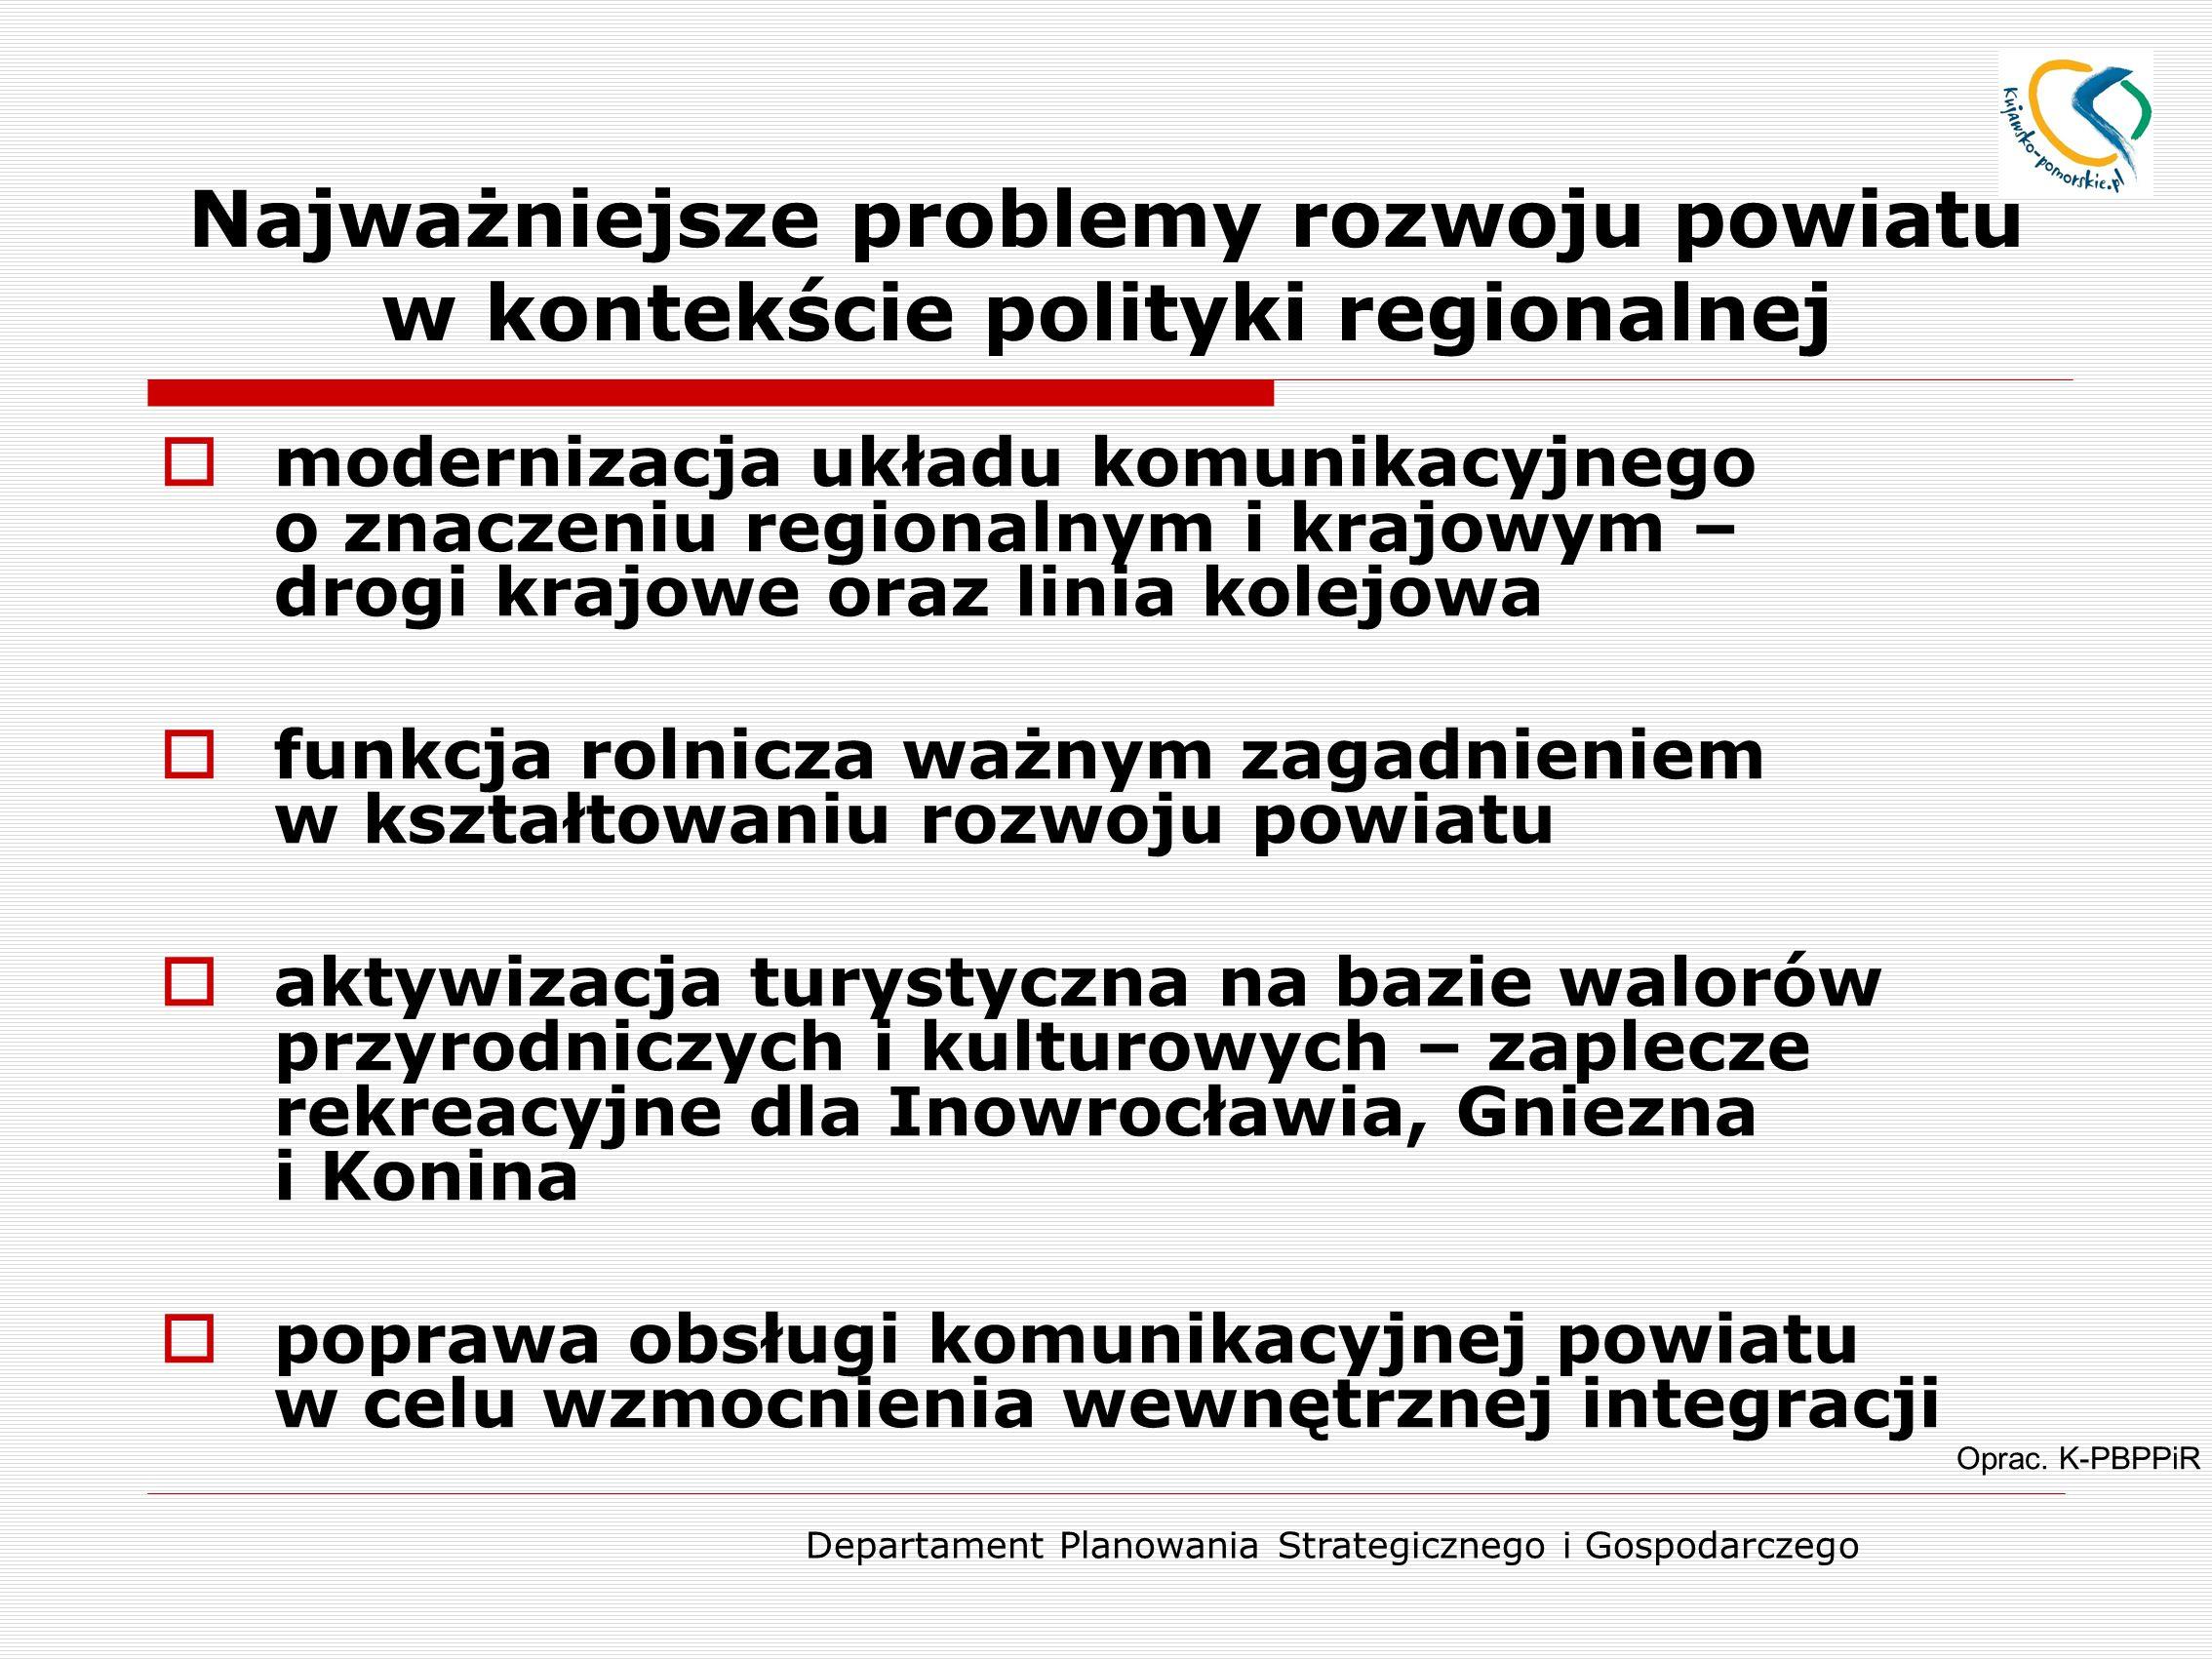 Departament Planowania Strategicznego i Gospodarczego Najważniejsze problemy rozwoju powiatu w kontekście polityki regionalnej Oprac. K-PBPPiR  moder